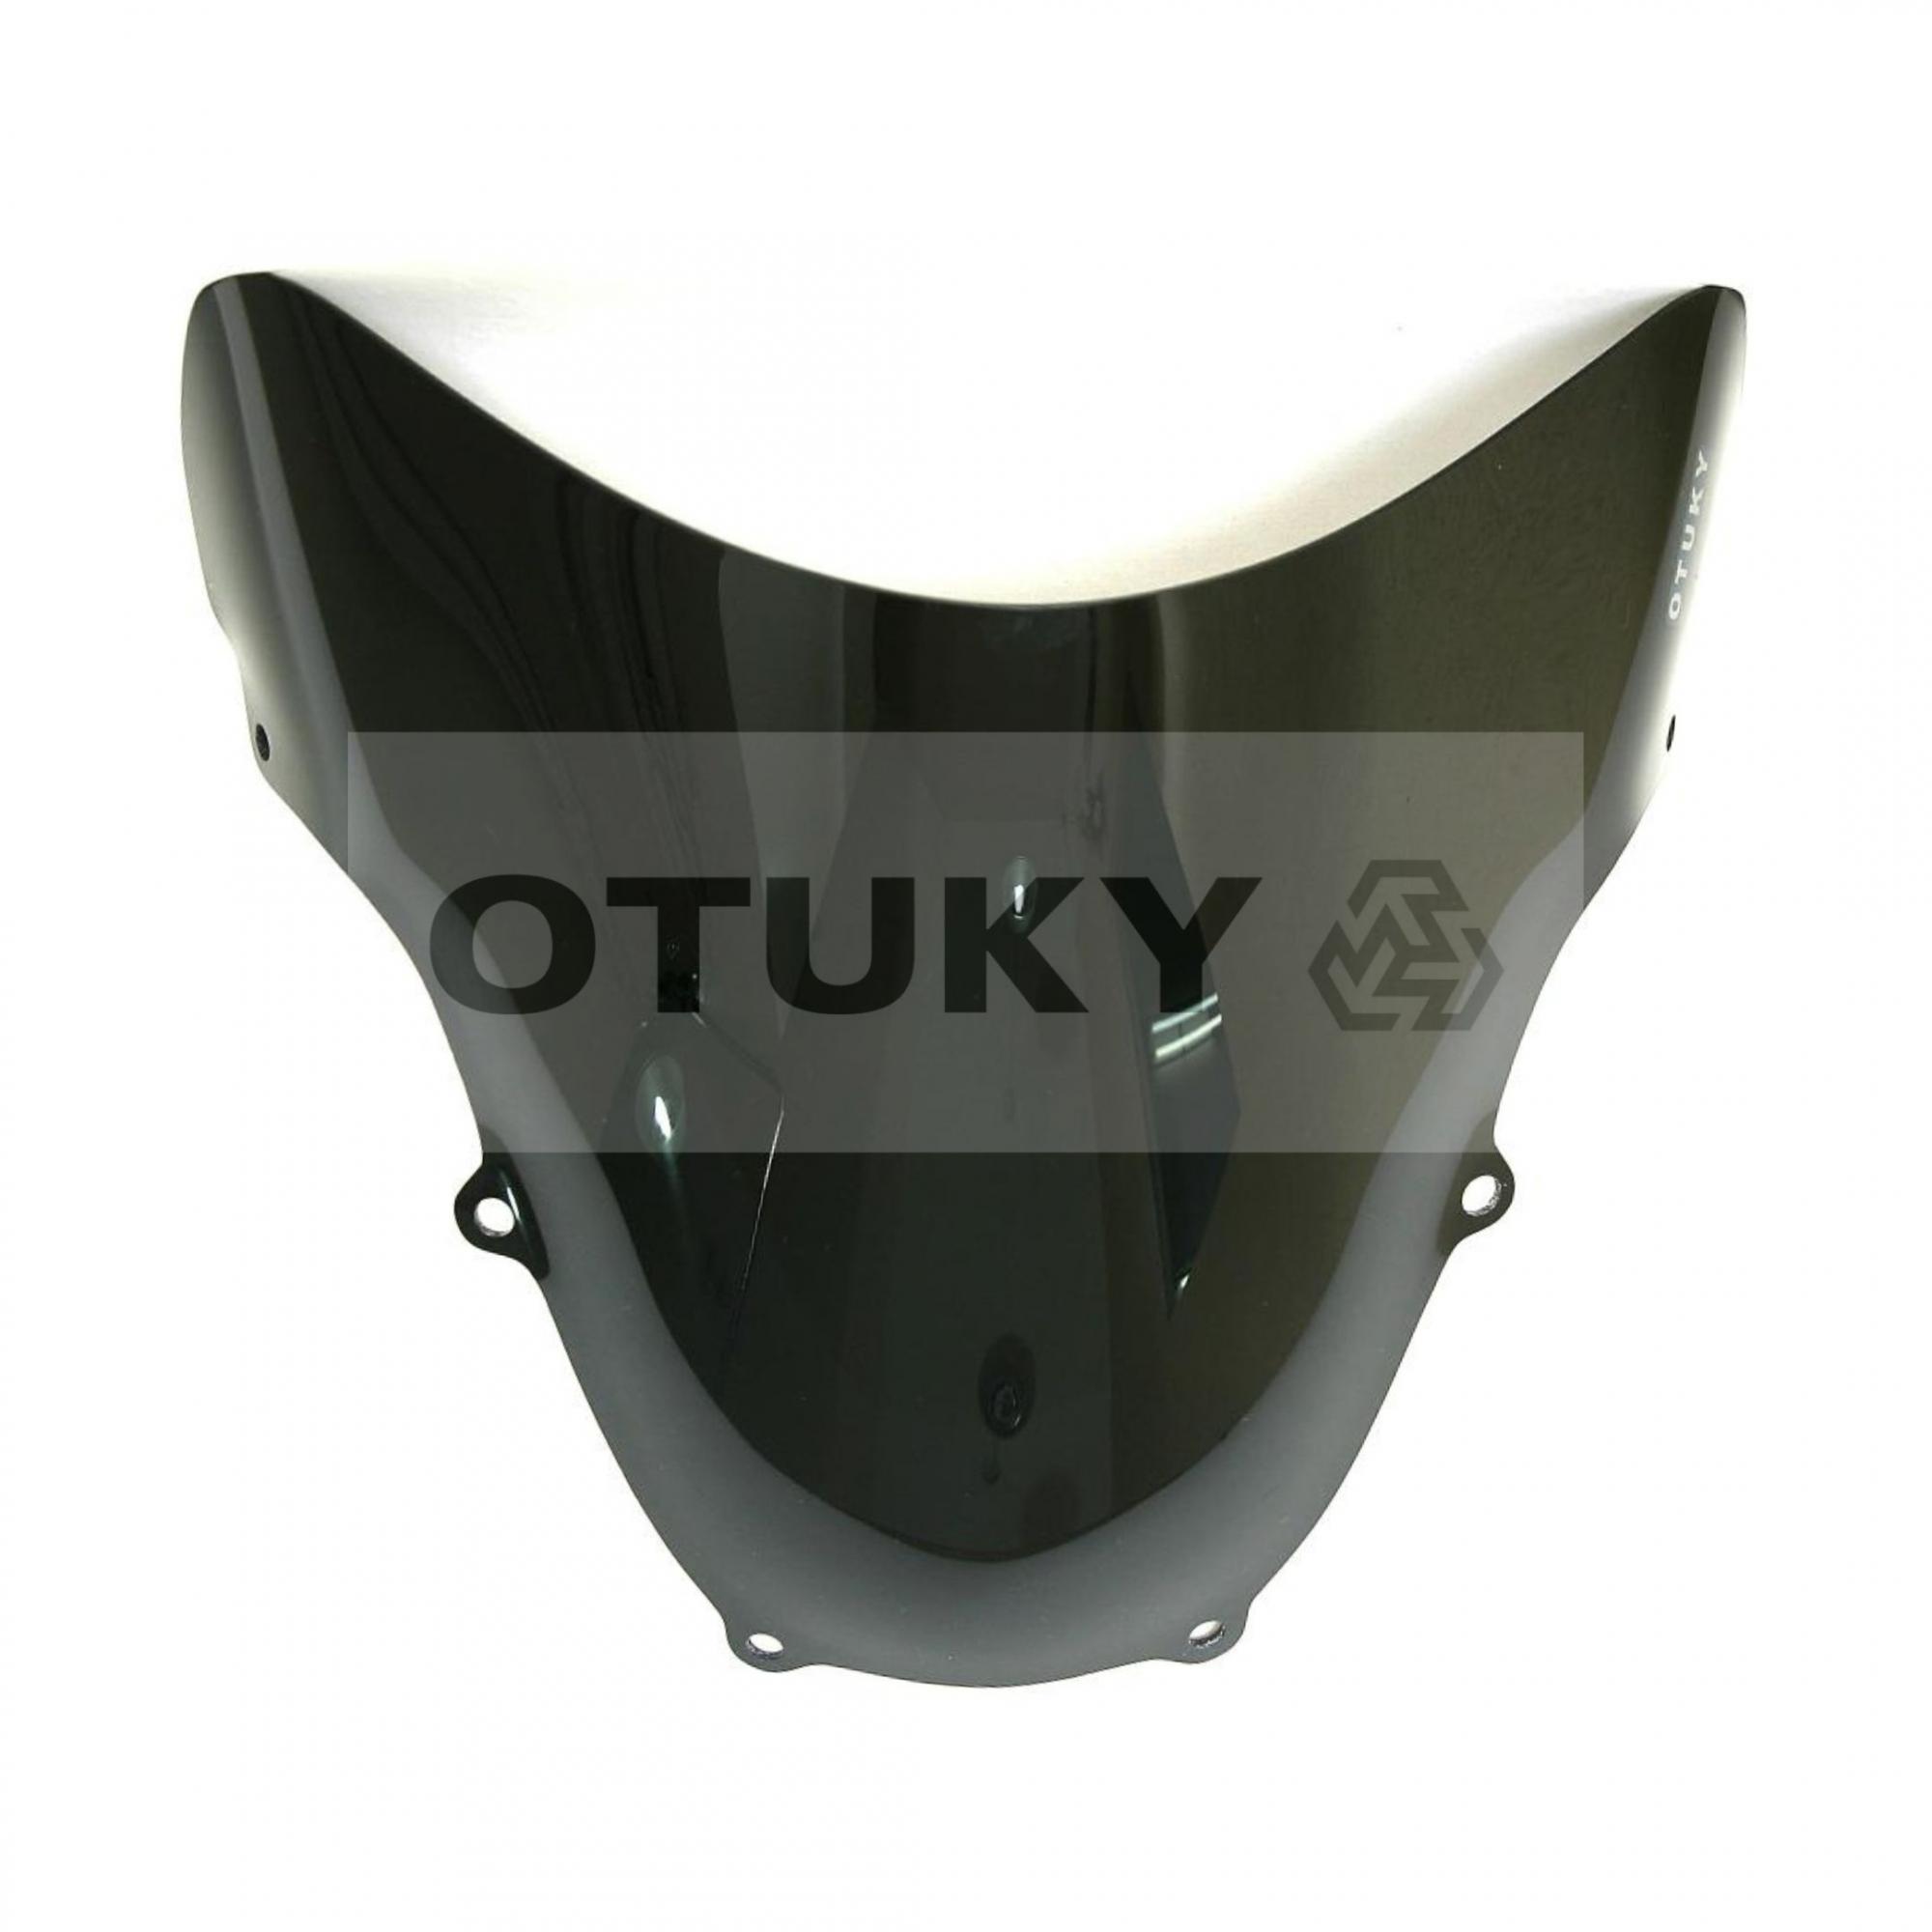 Bolha para Moto Srad 750 2001 2002 2003 2004 Otuky